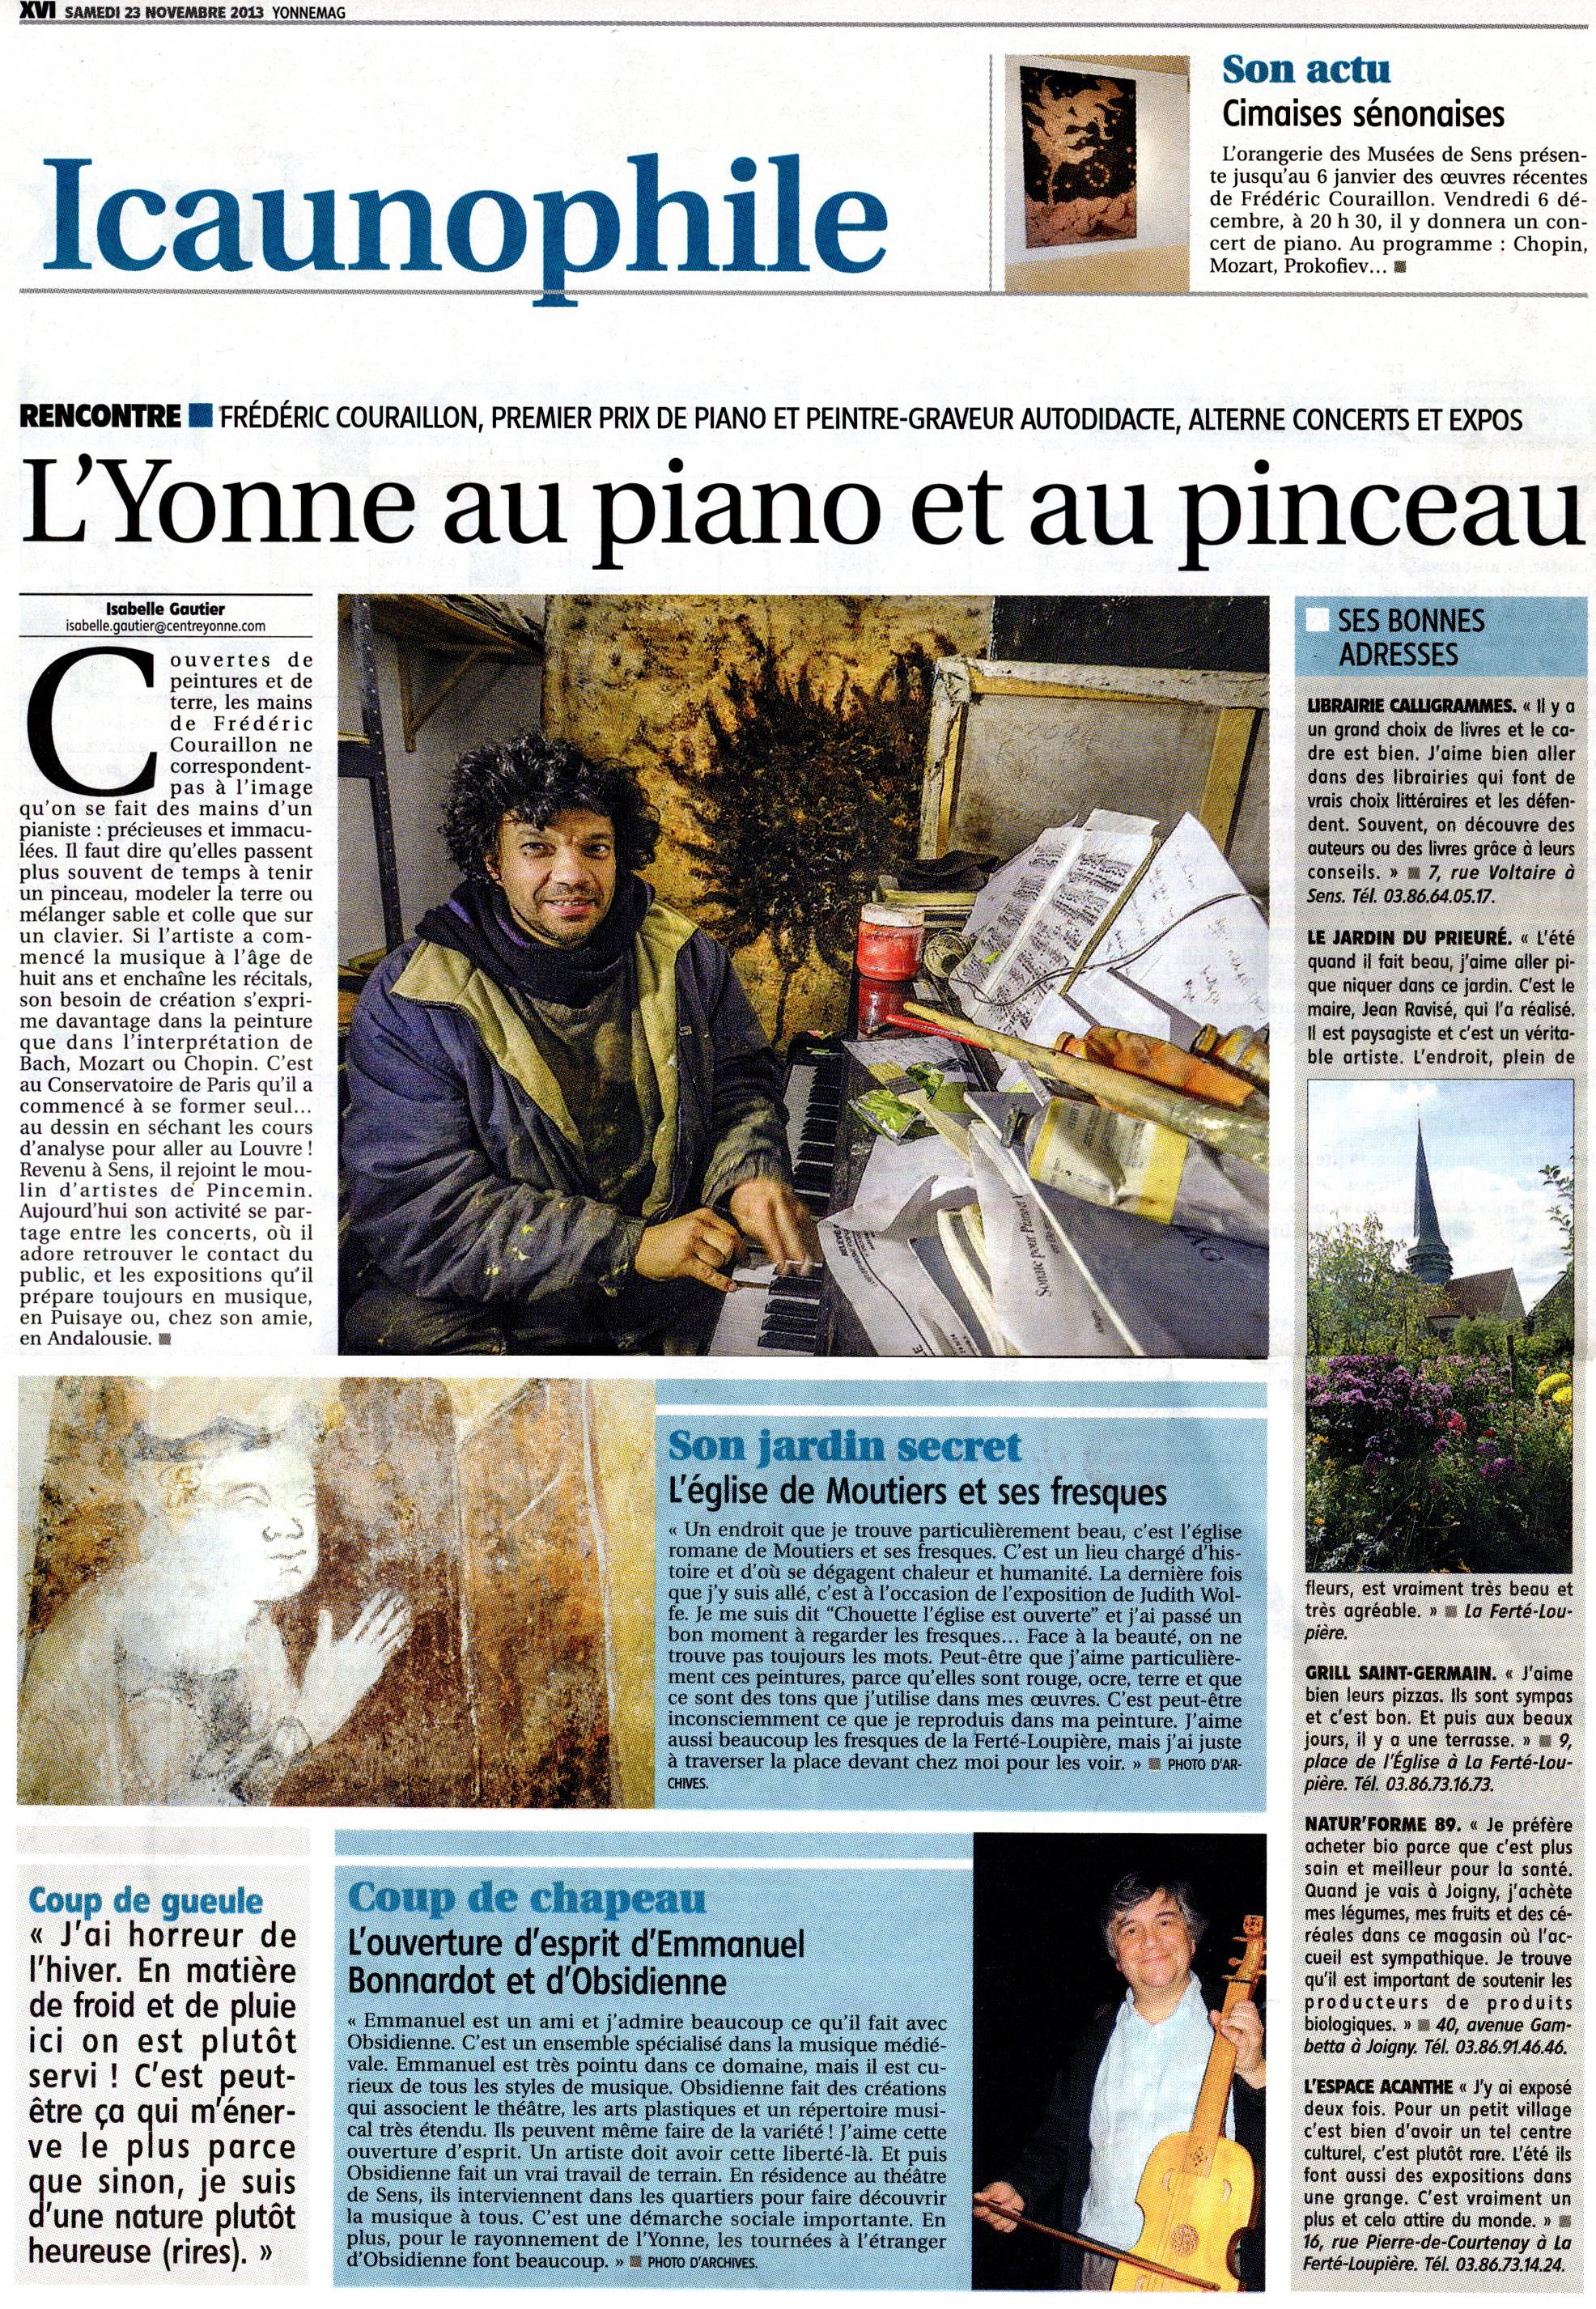 L'Yonne républicaine - 23 nov. 2013